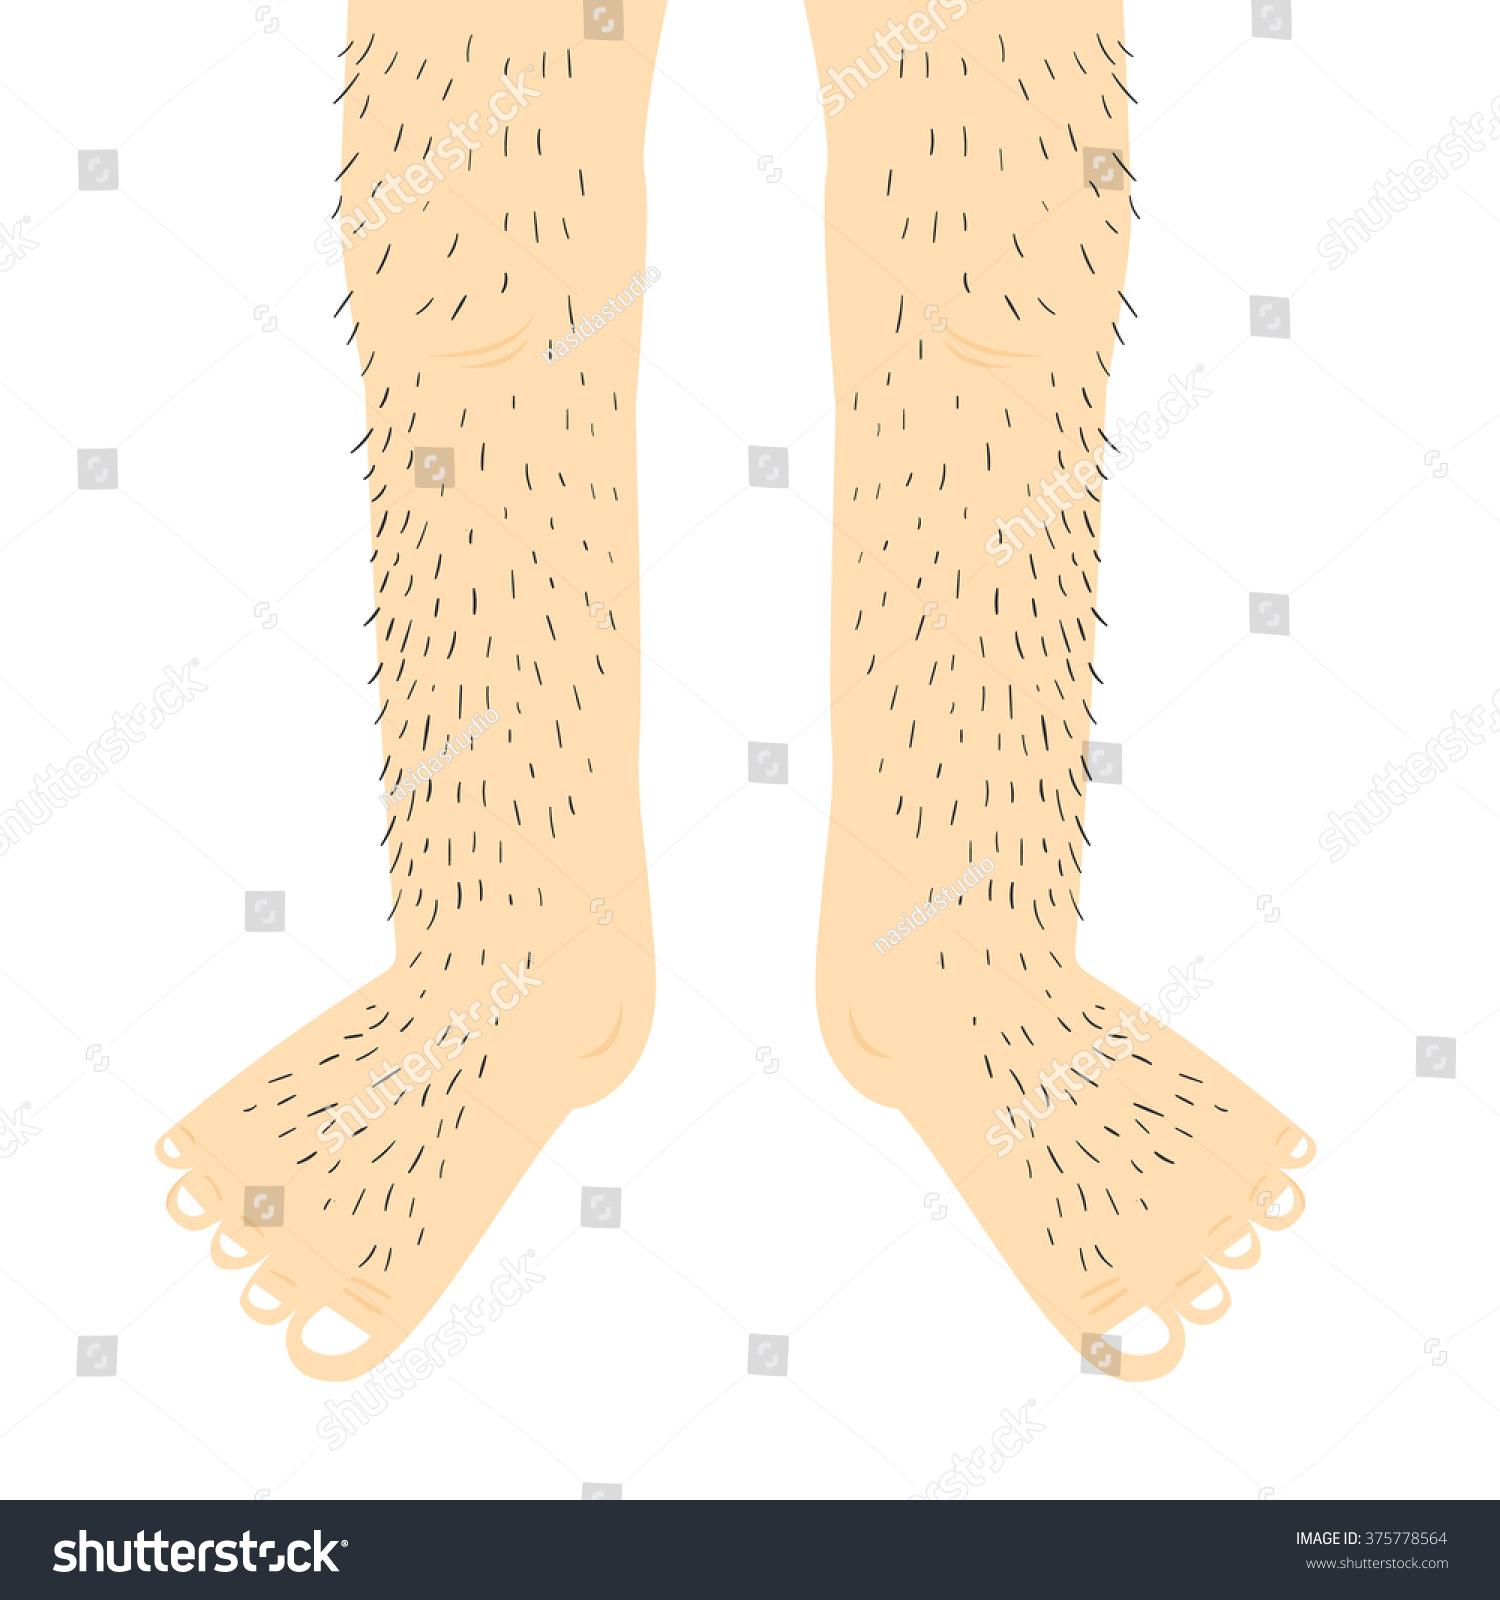 Hairy legs.Vector Illustration. Stock Photo 375778564.